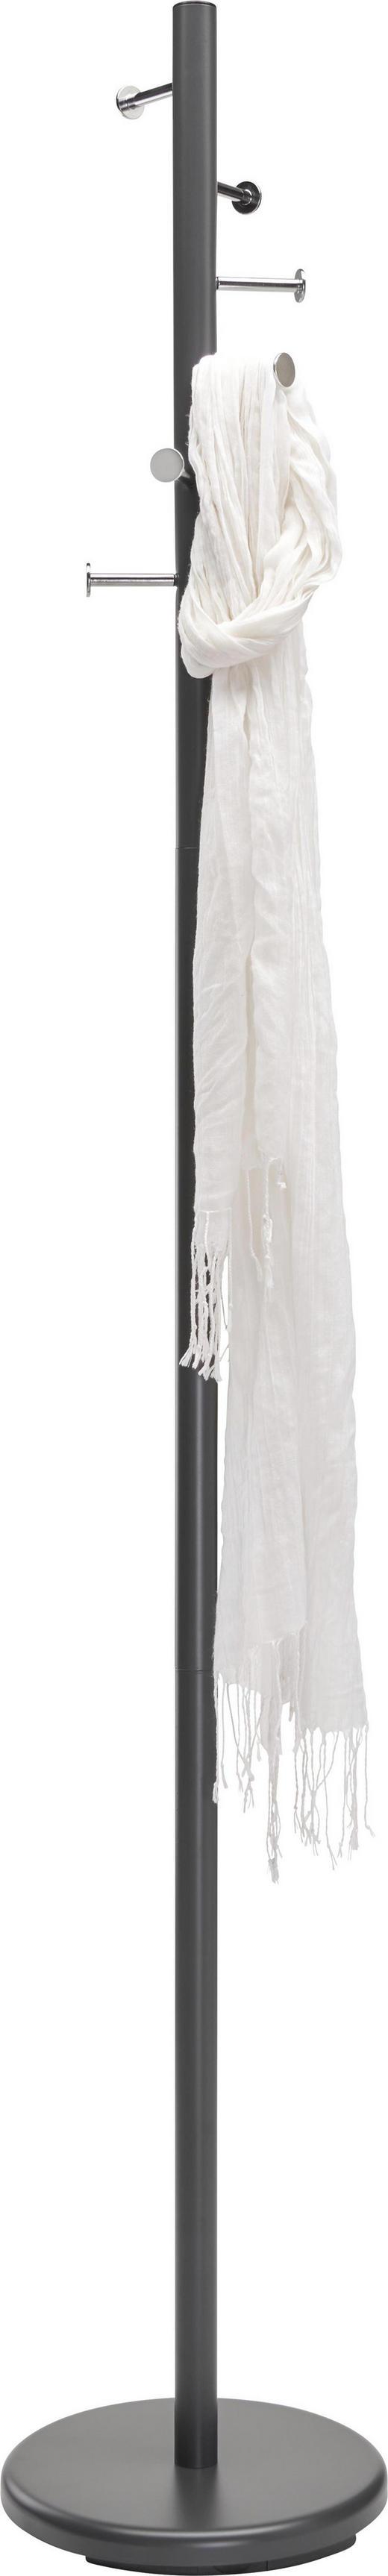 KLEIDERSTÄNDER Anthrazit, Chromfarben - Chromfarben/Anthrazit, Basics, Metall (29/180/29cm) - Xora